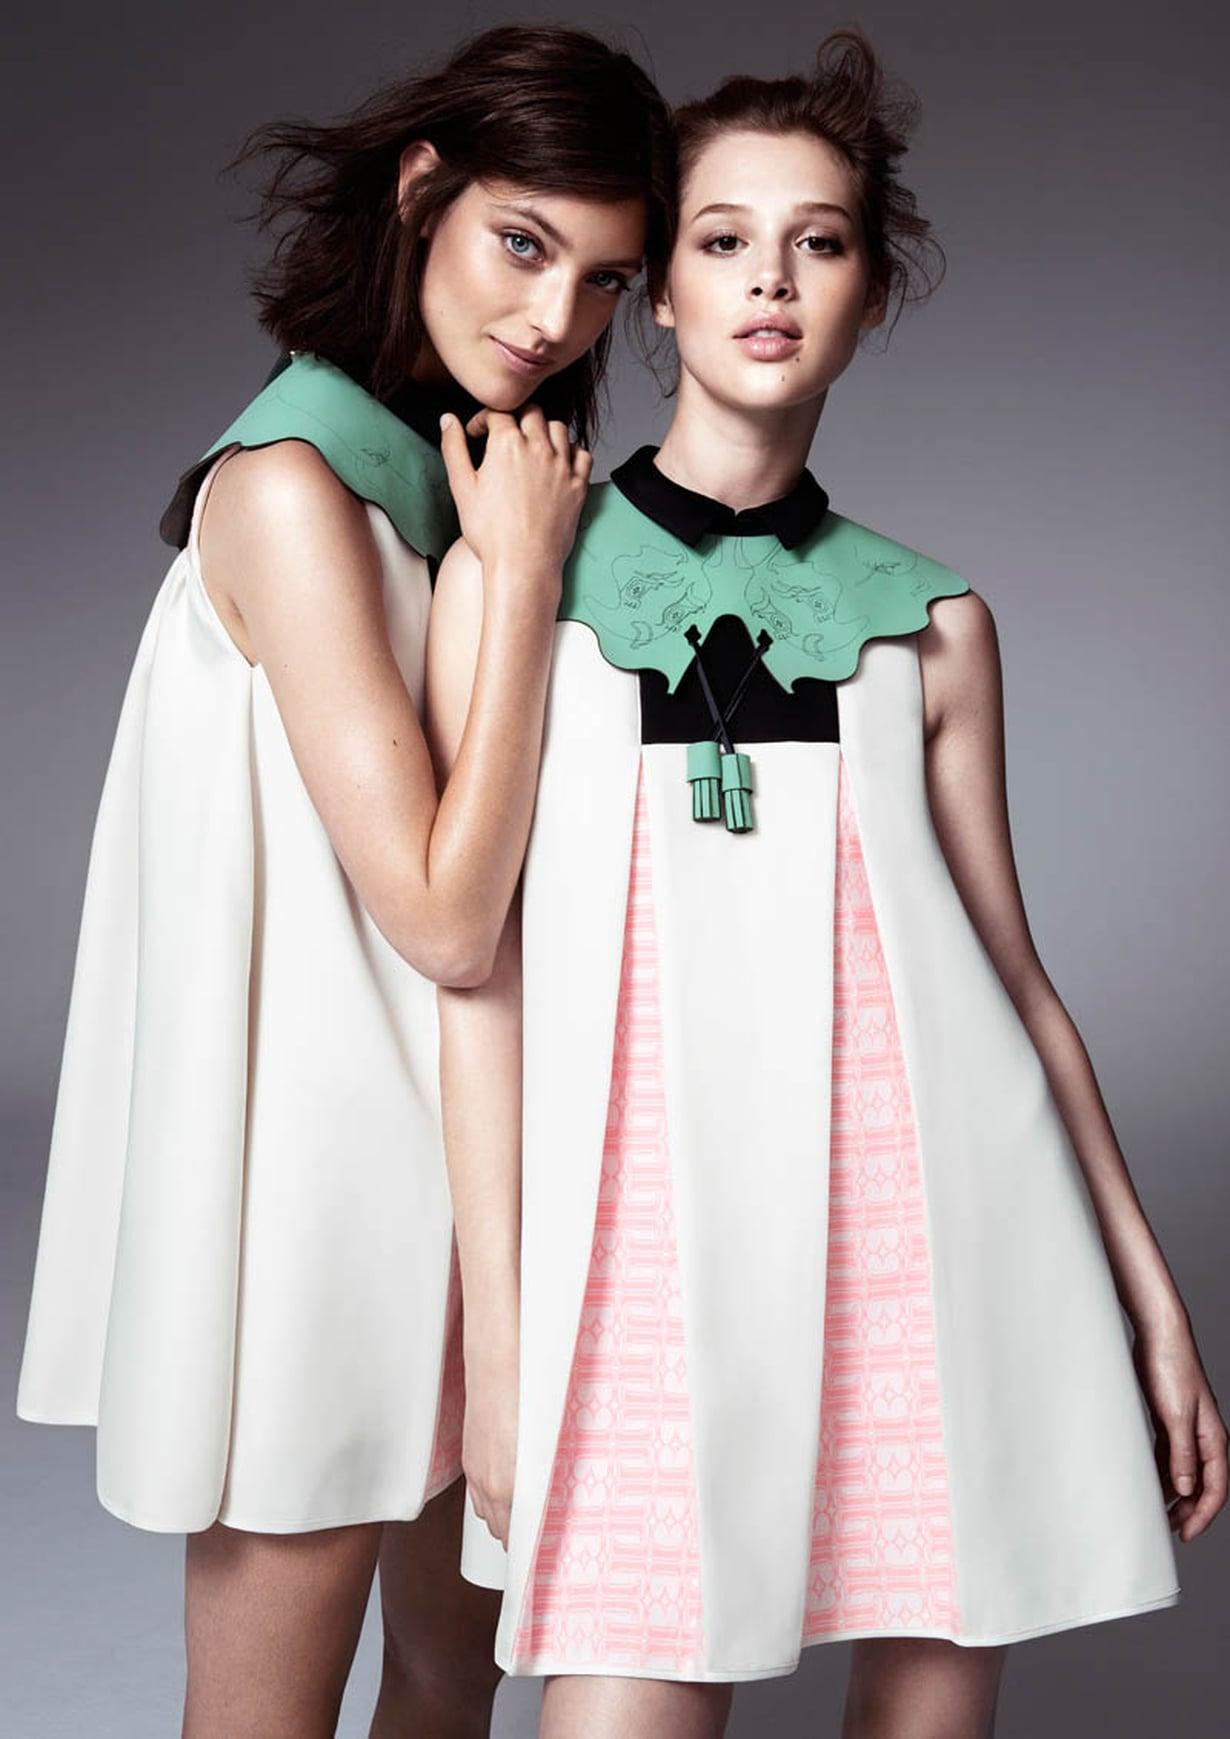 hm-fashion-minju-kim1